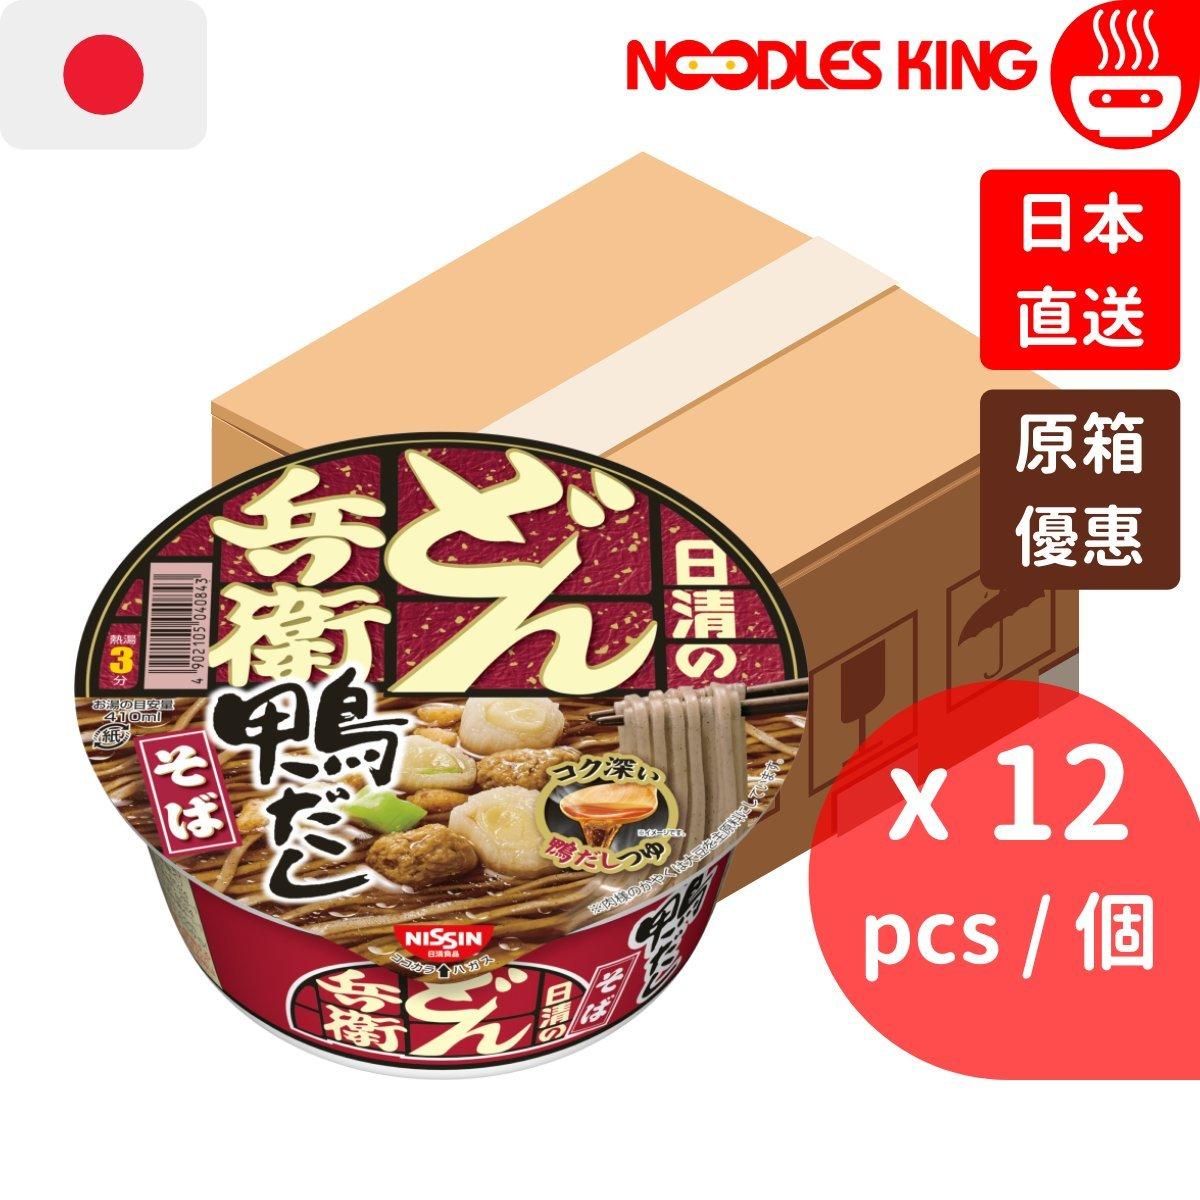 [原箱] 日本咚兵衛蕎麥麵 - 鴨脂上湯風味 105g x 12